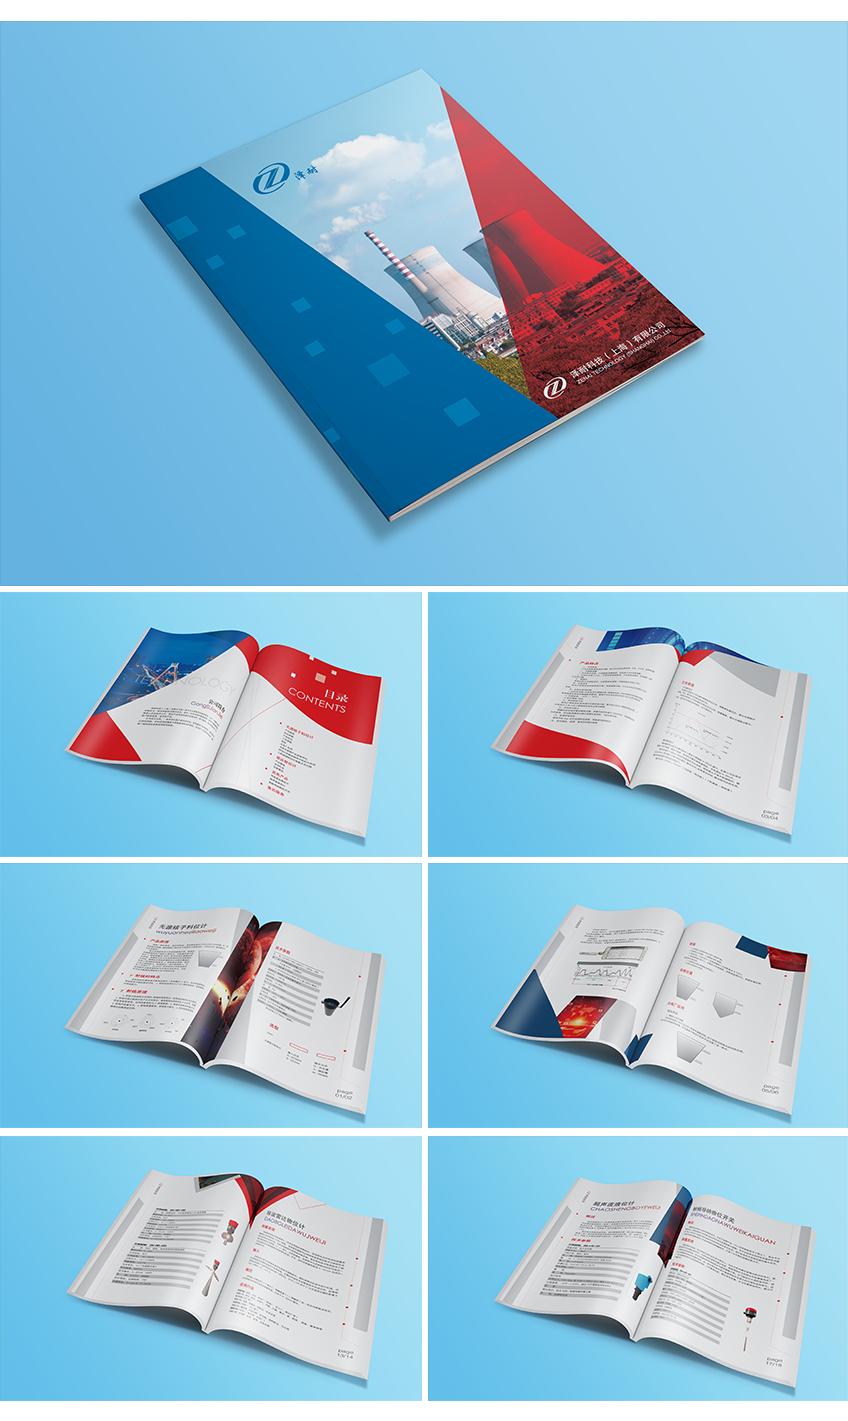 宣传册设计_画册设计企业宣传册海报品牌三折页宣传品单页平面展架板彩印海报10